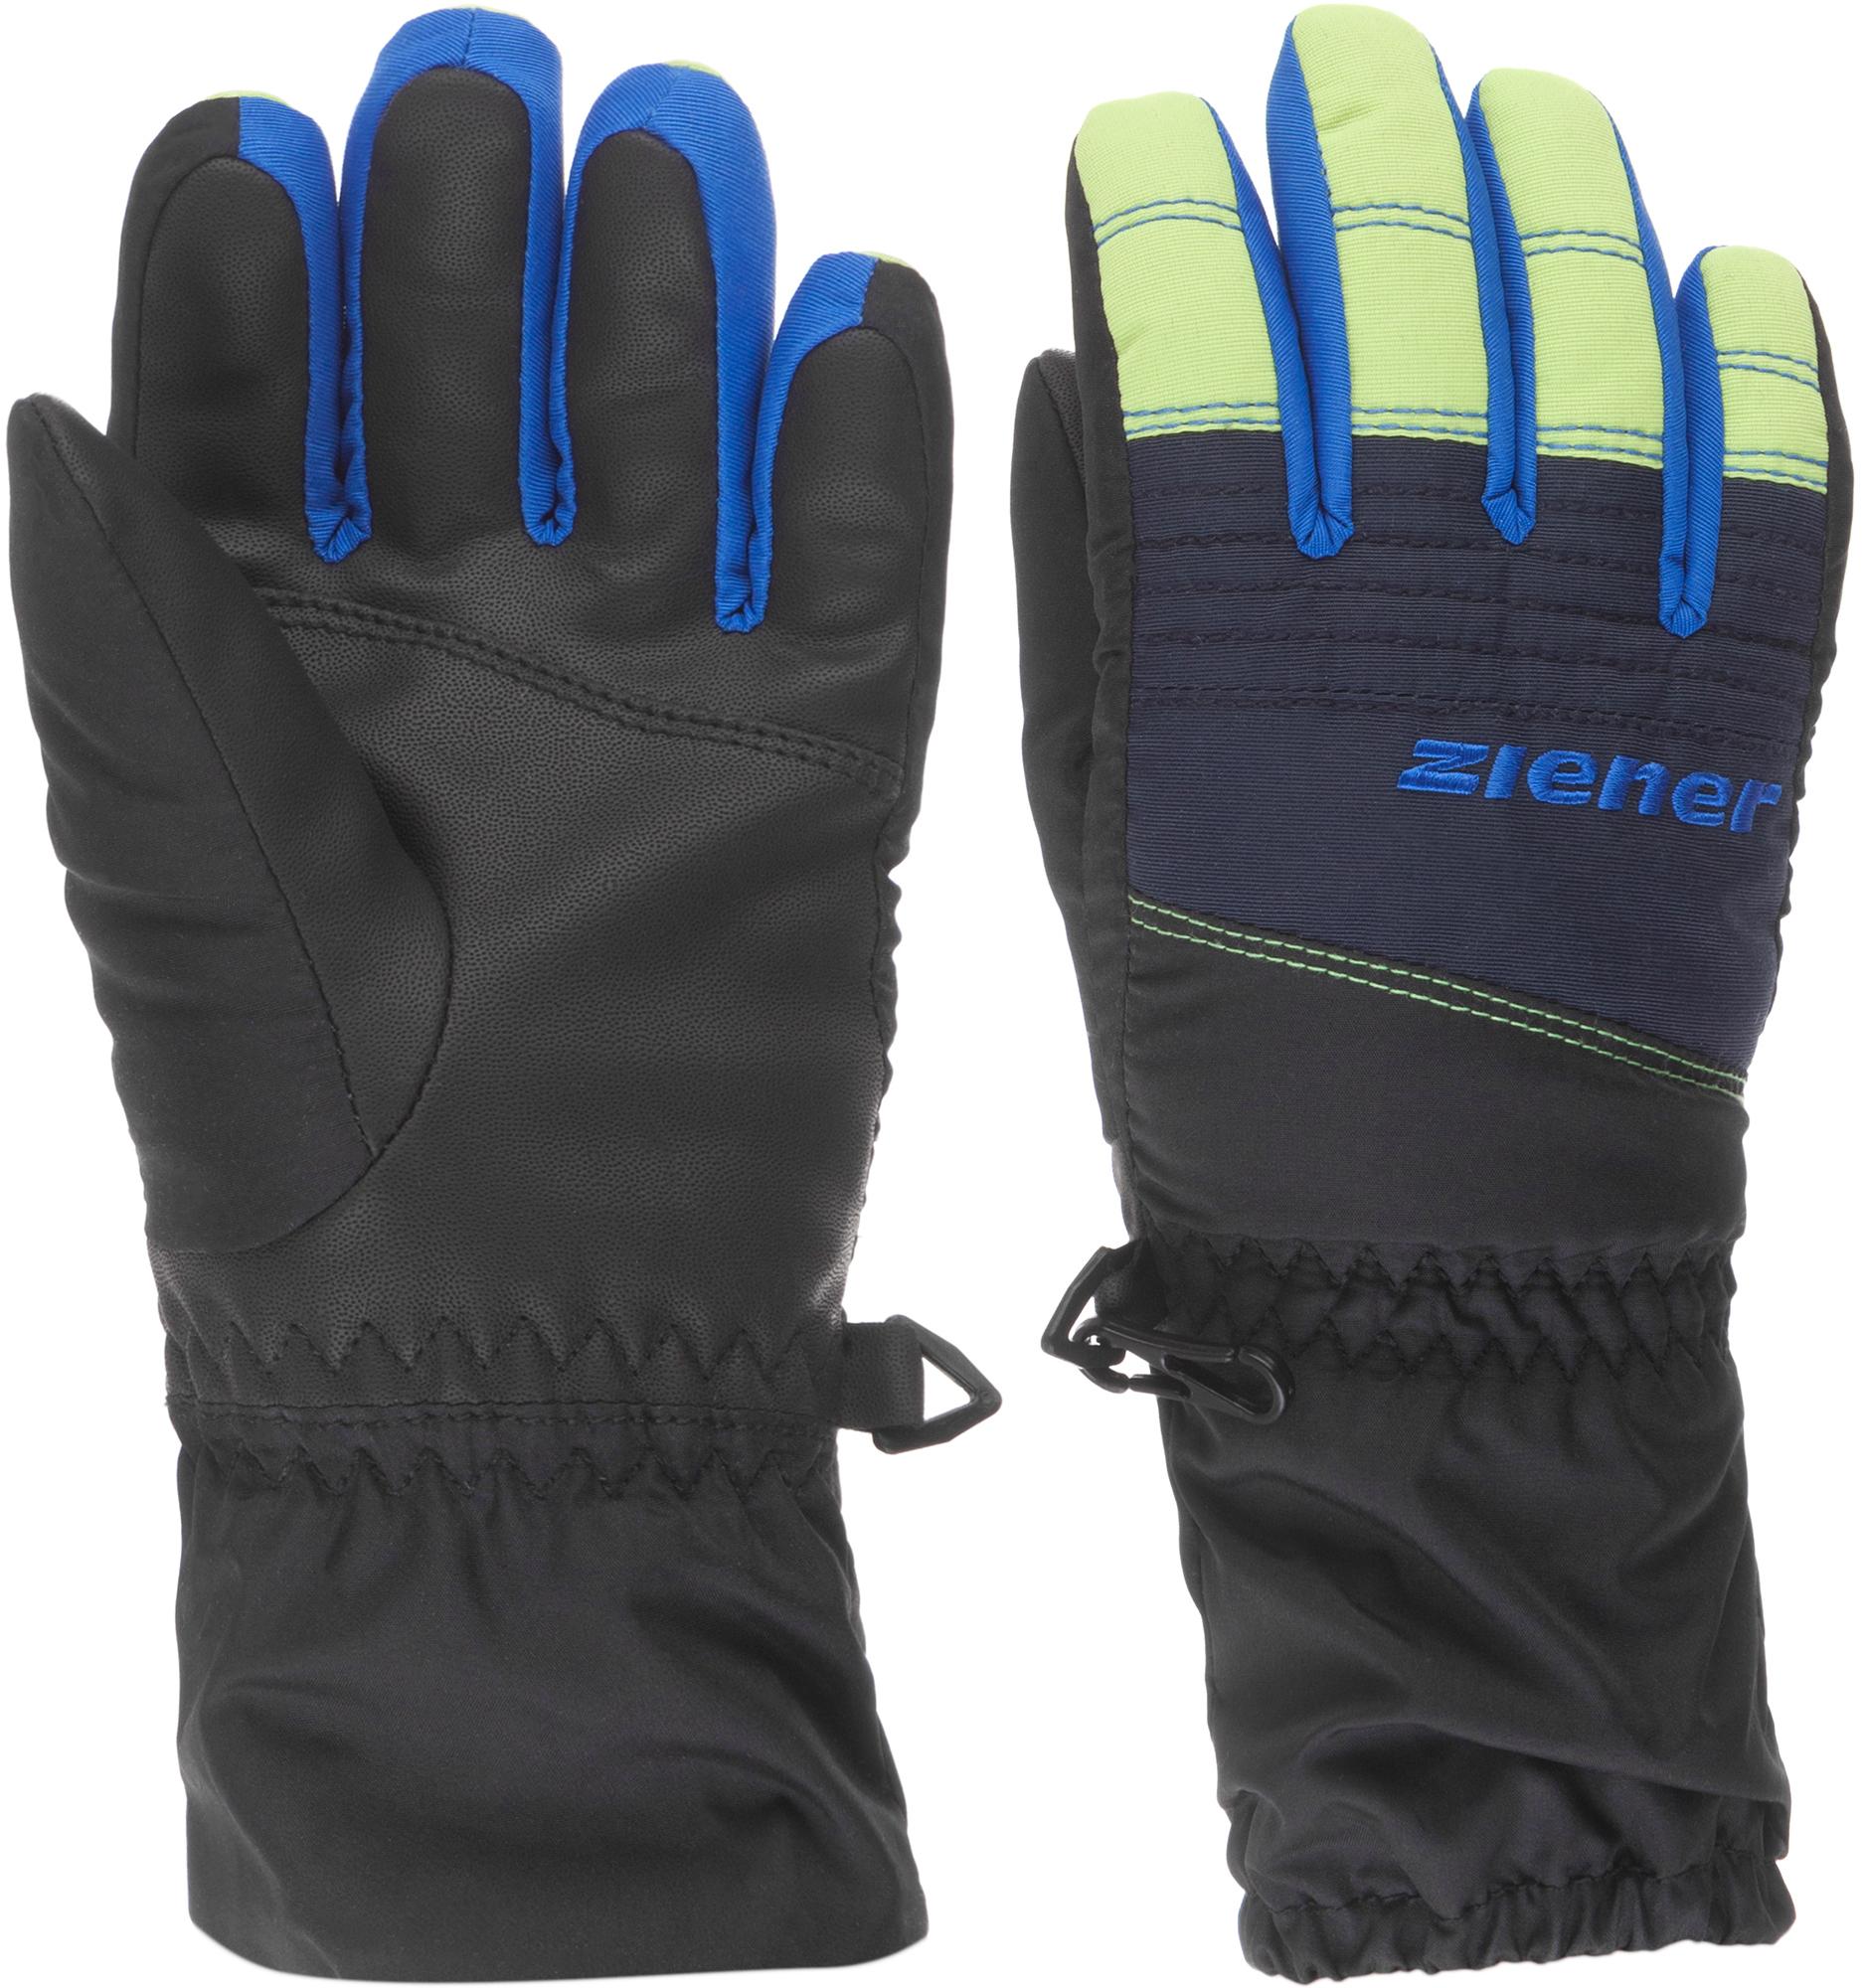 Ziener Перчатки для мальчиков  Lipon, размер 6,5